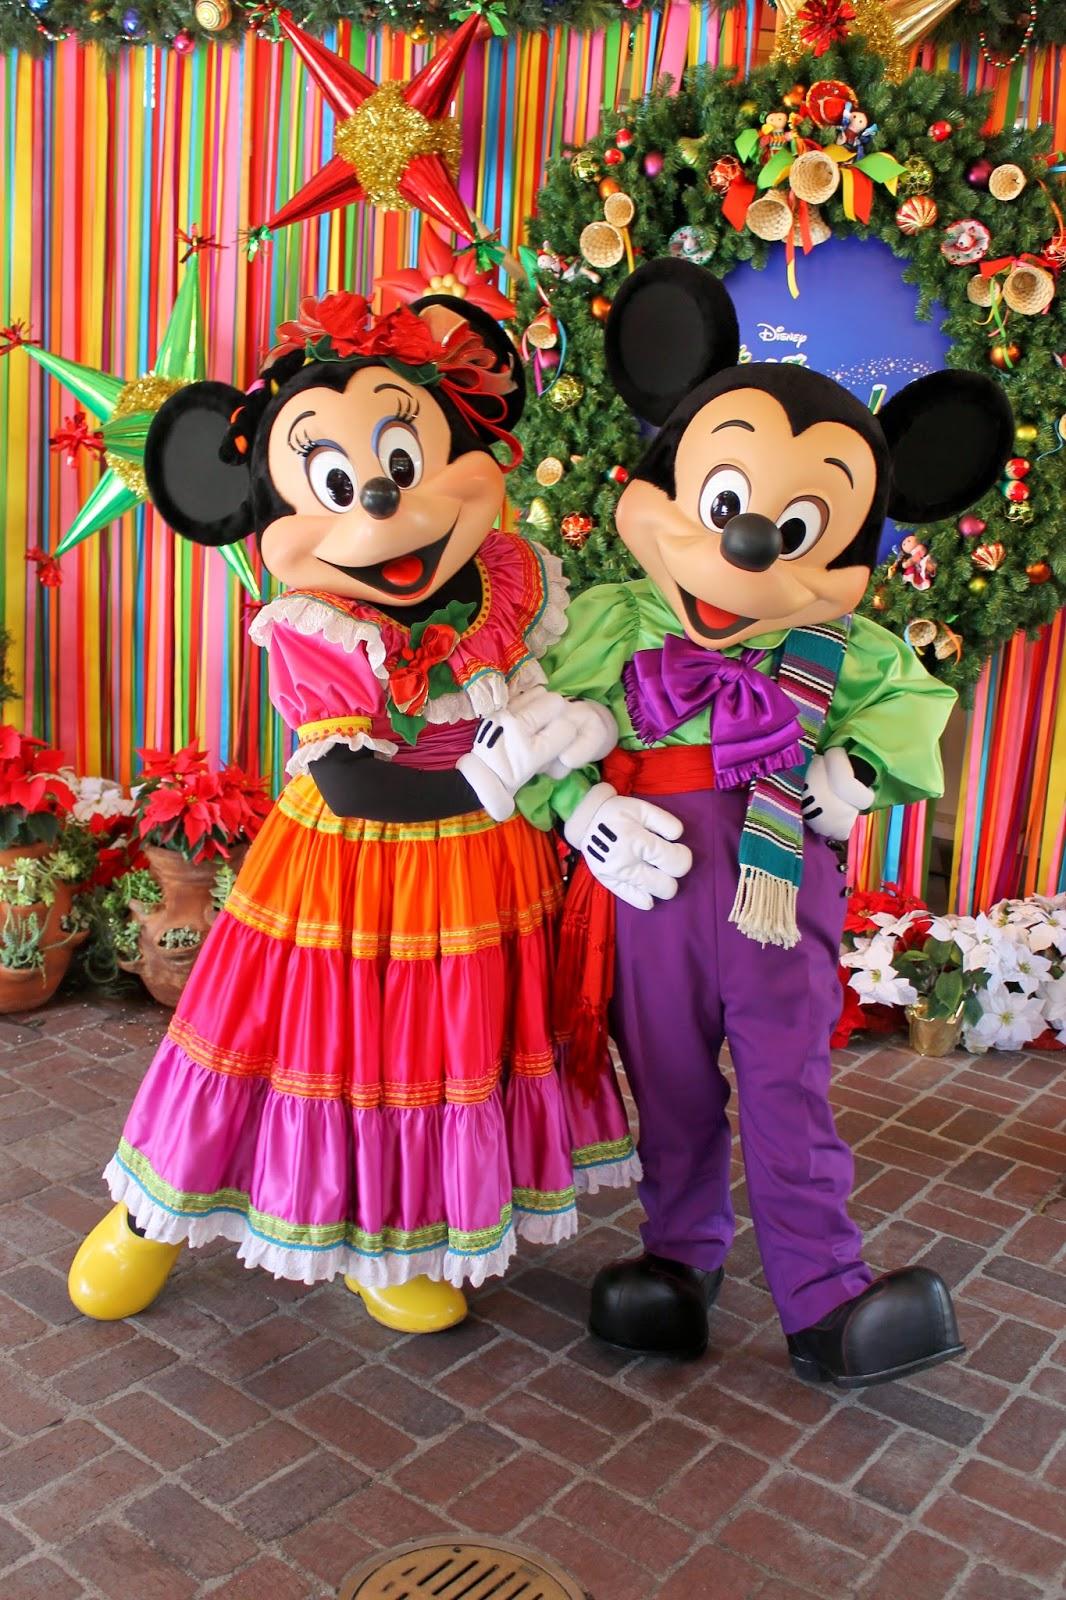 imagenes de minnie mouse en navidad